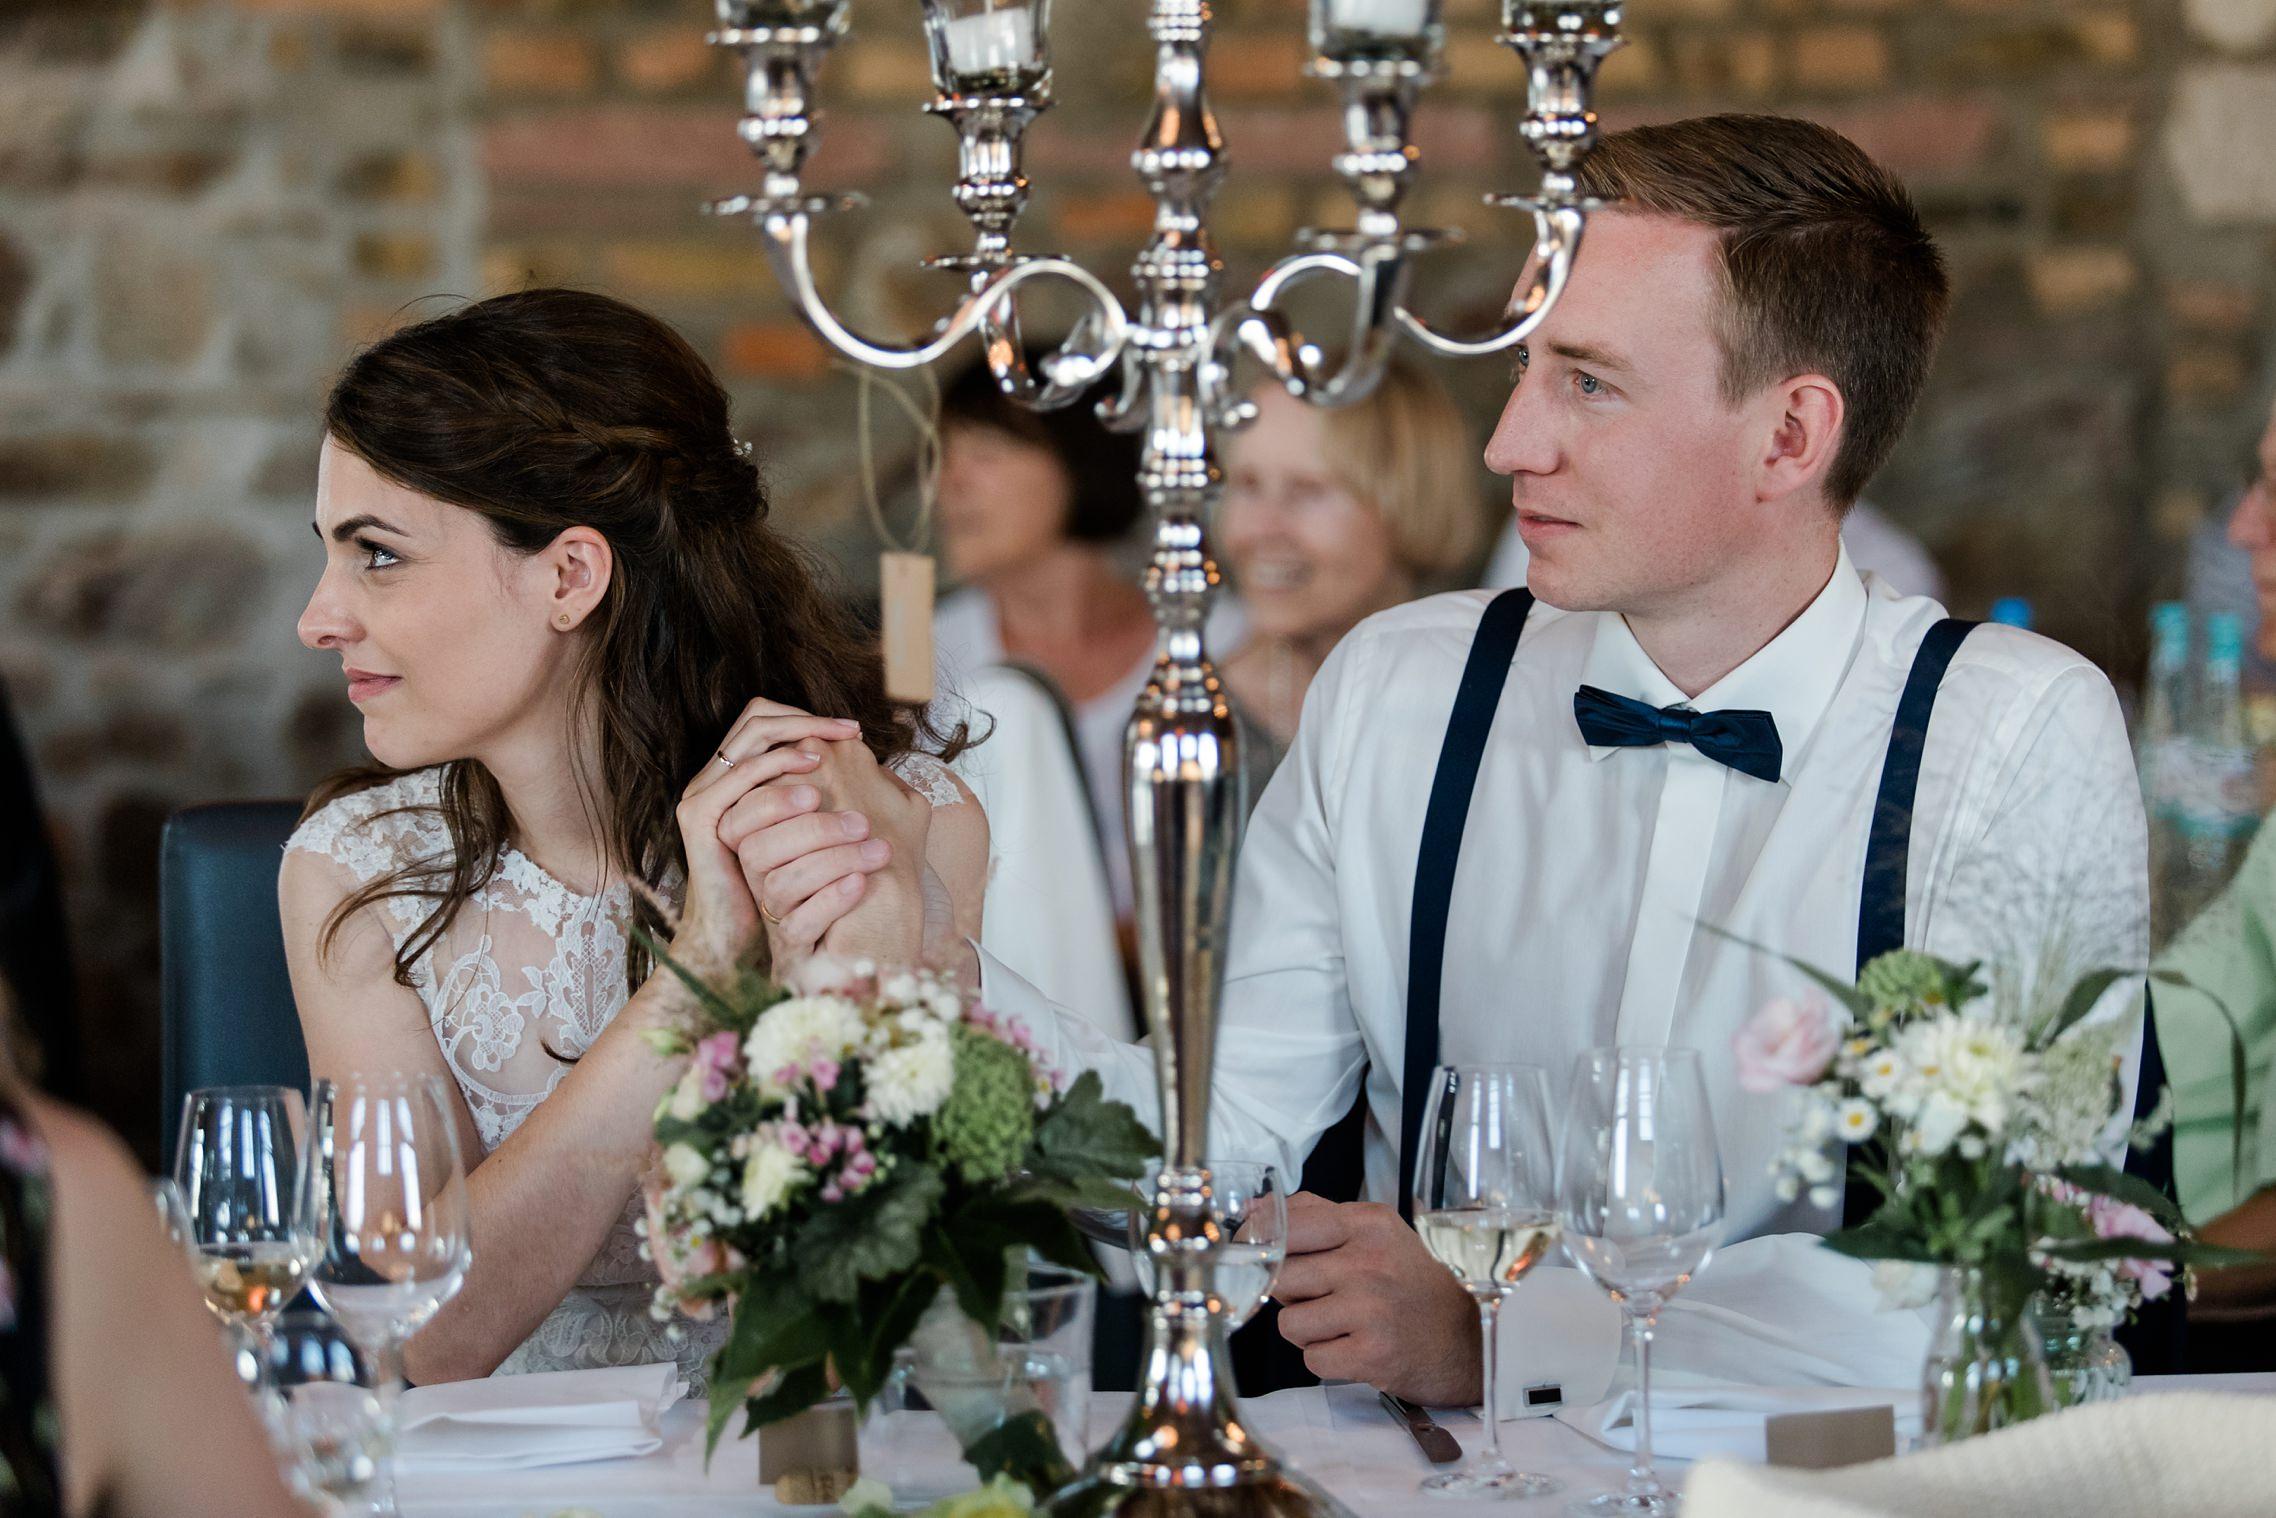 Das Brautpaar hört aufmerksam der Rede des Brautvaters zu und hält sich an den Händen